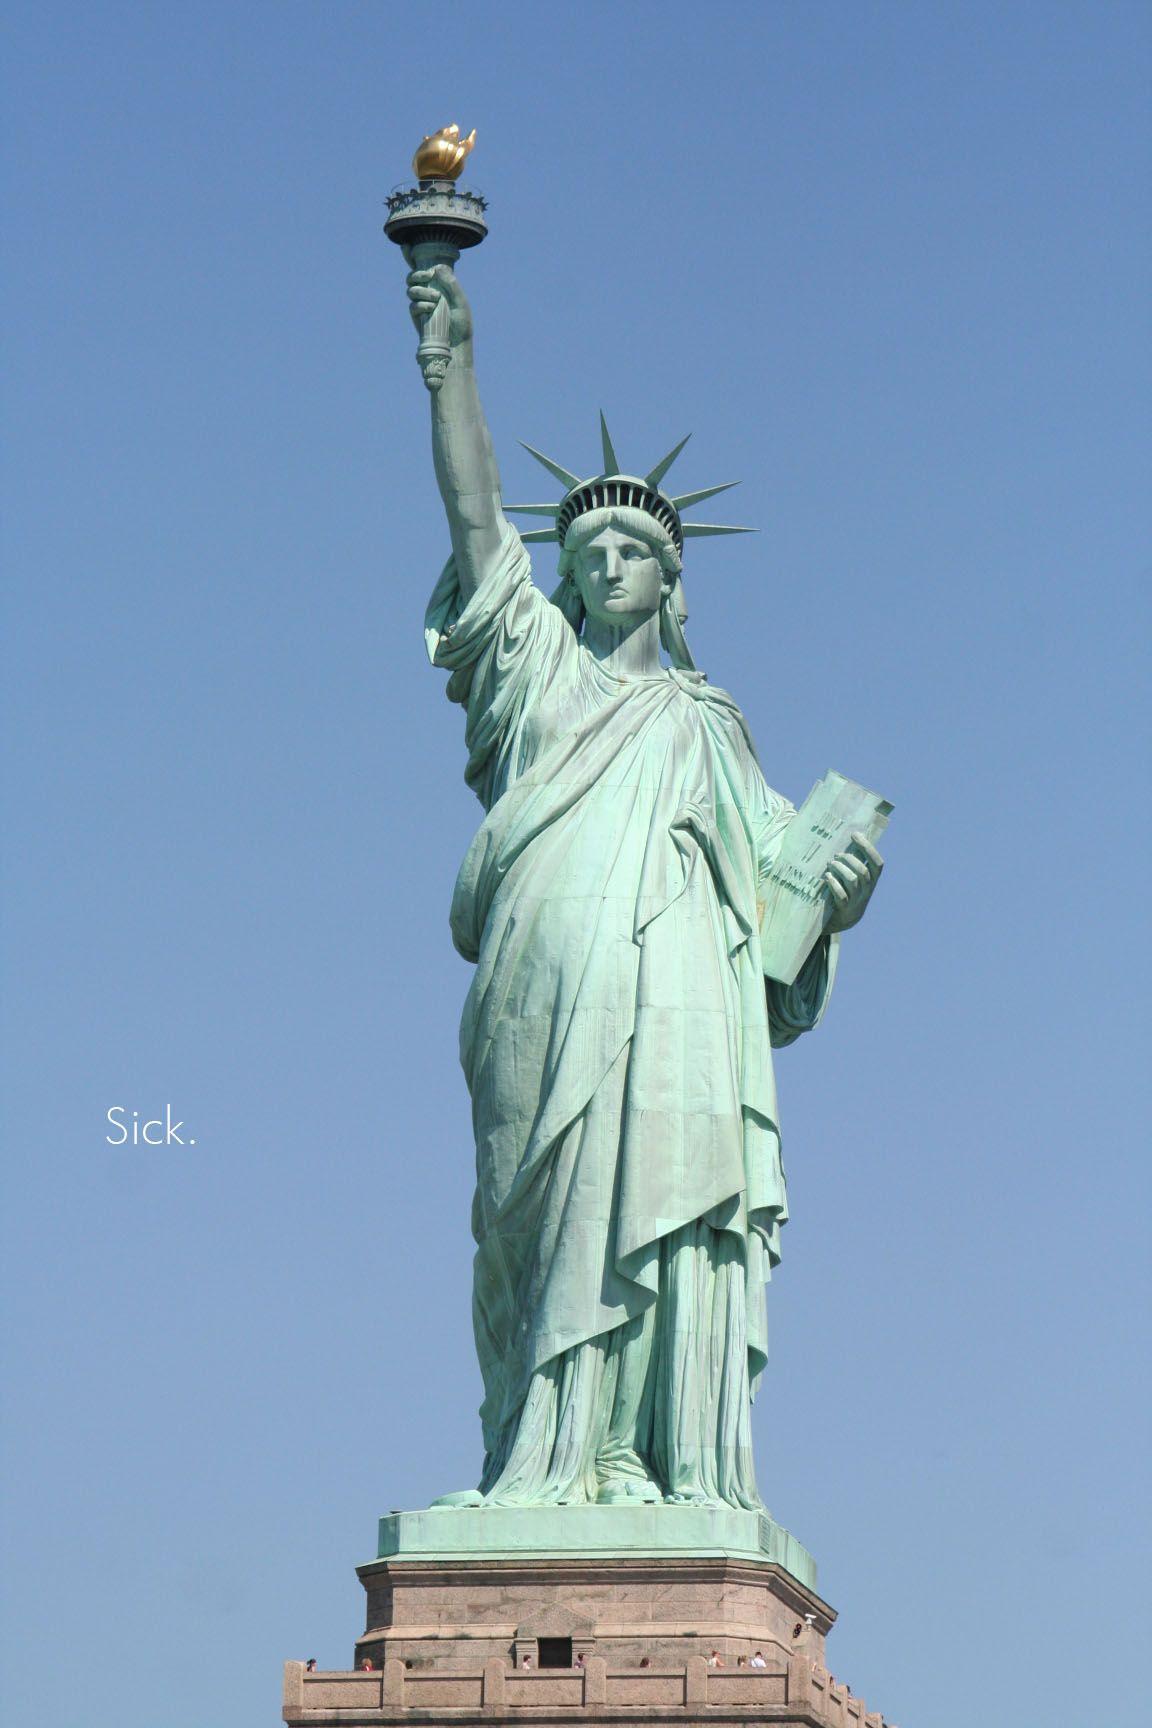 NY _ La statue de la liberté   Places I Have Been   Pinterest   Liberty, Travel memories and Buckets